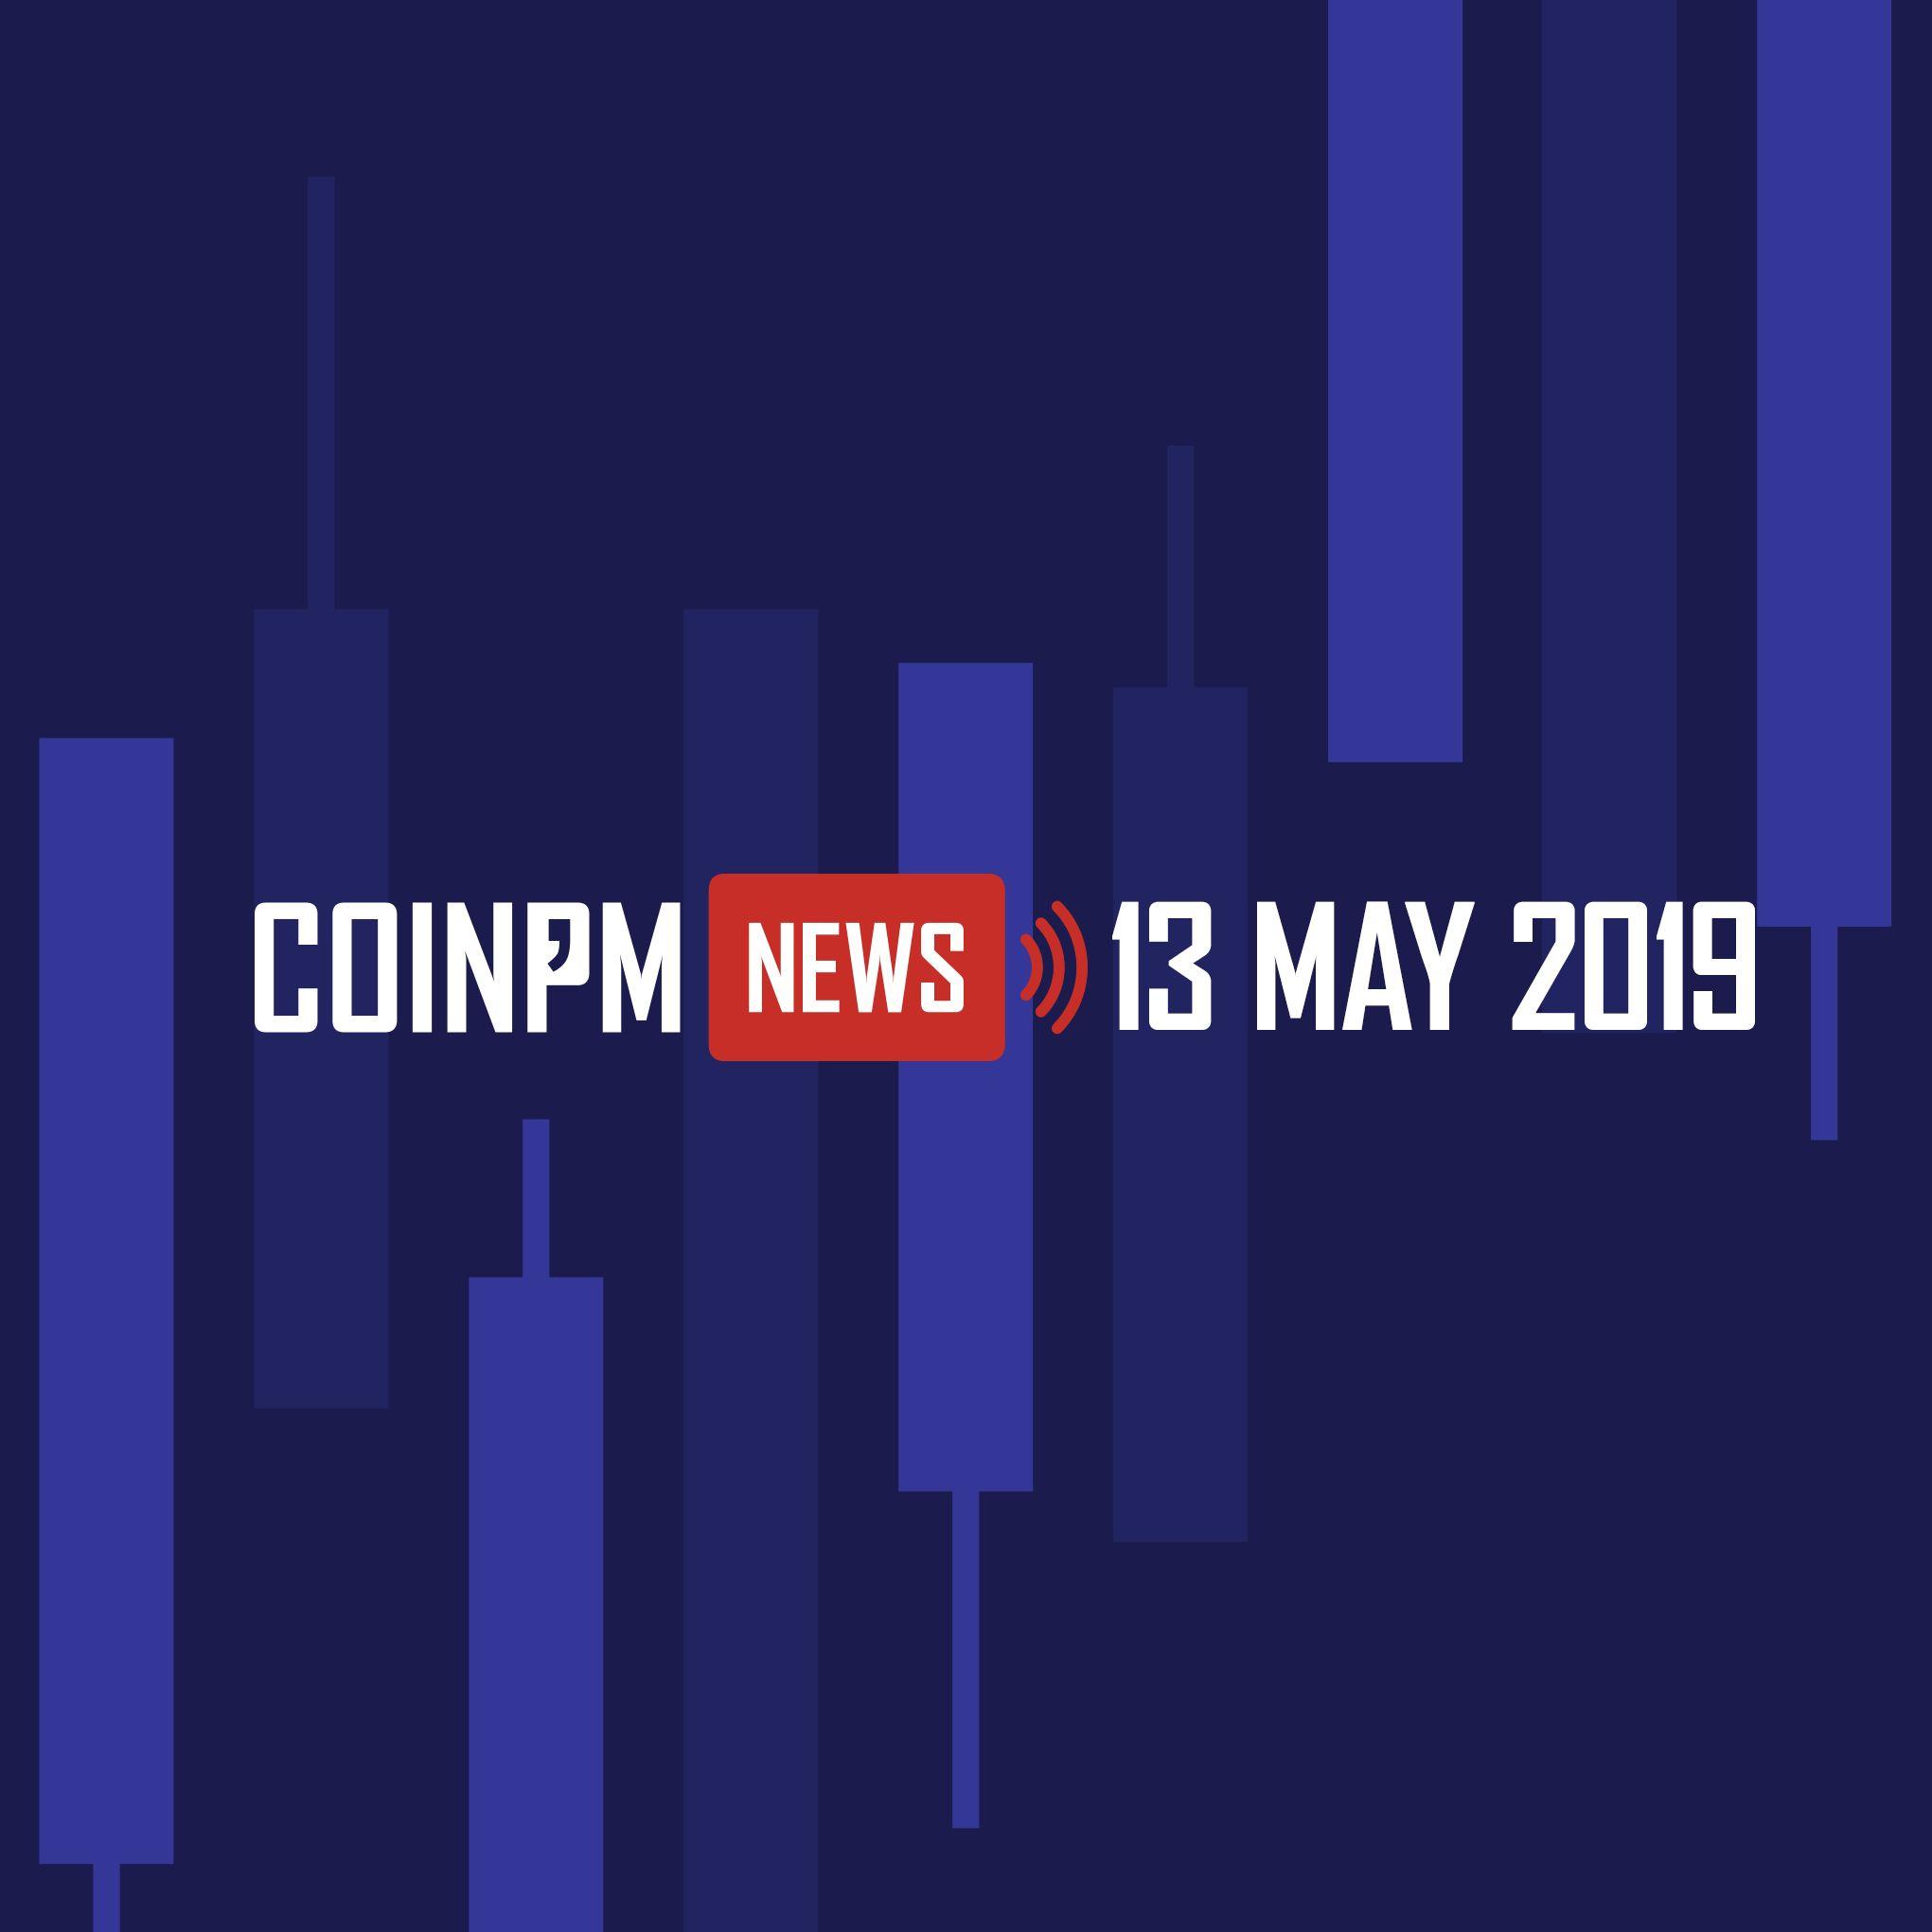 13th May 2019